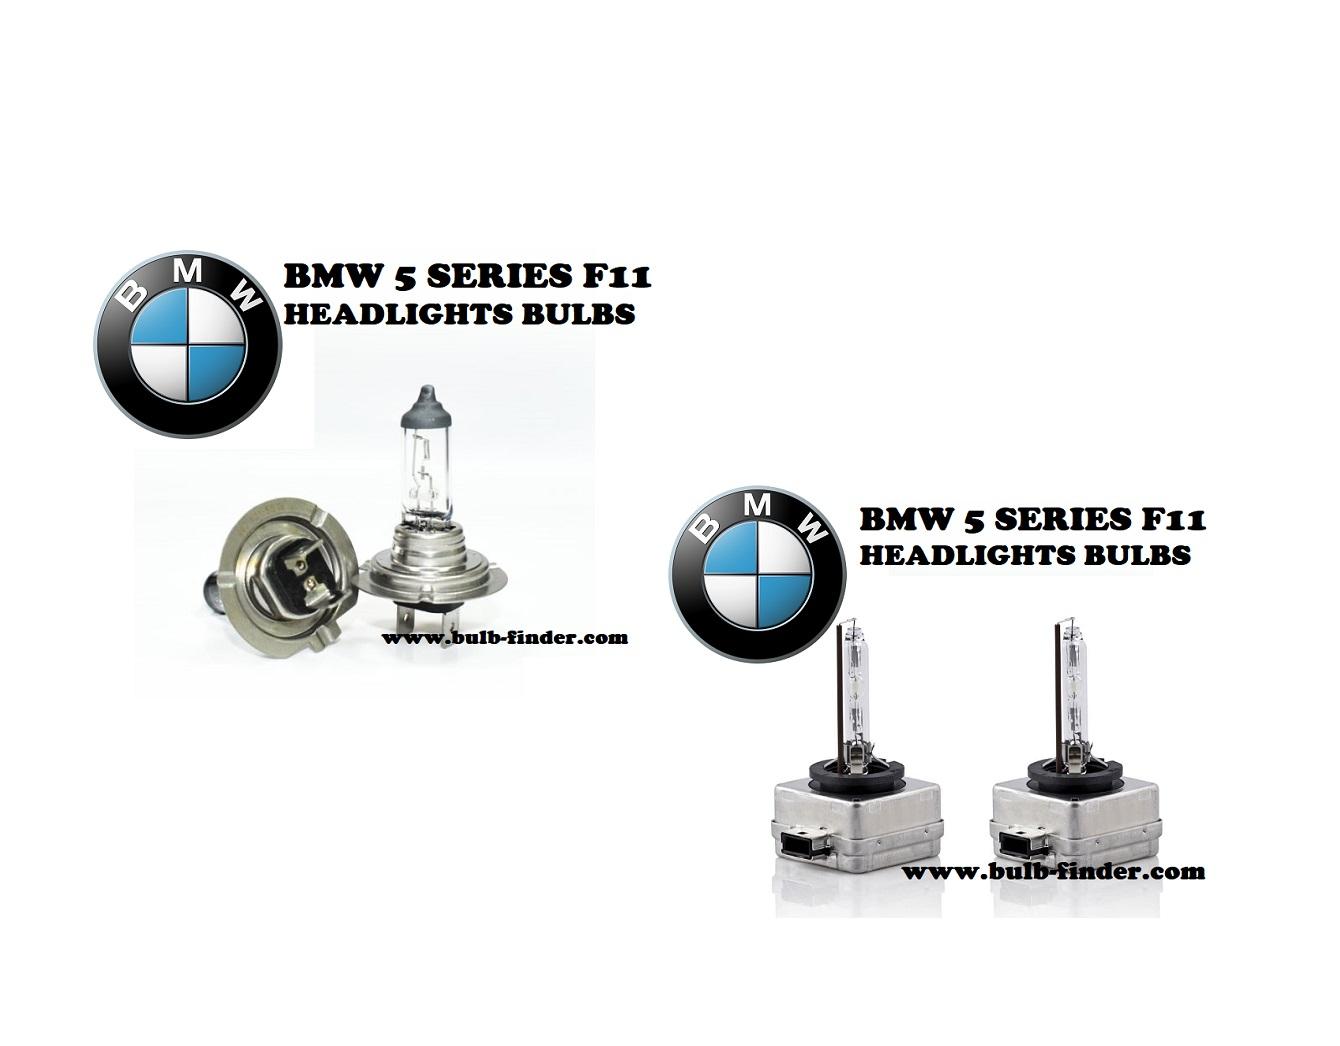 BMW 5 Series F11 headlights bulbs model